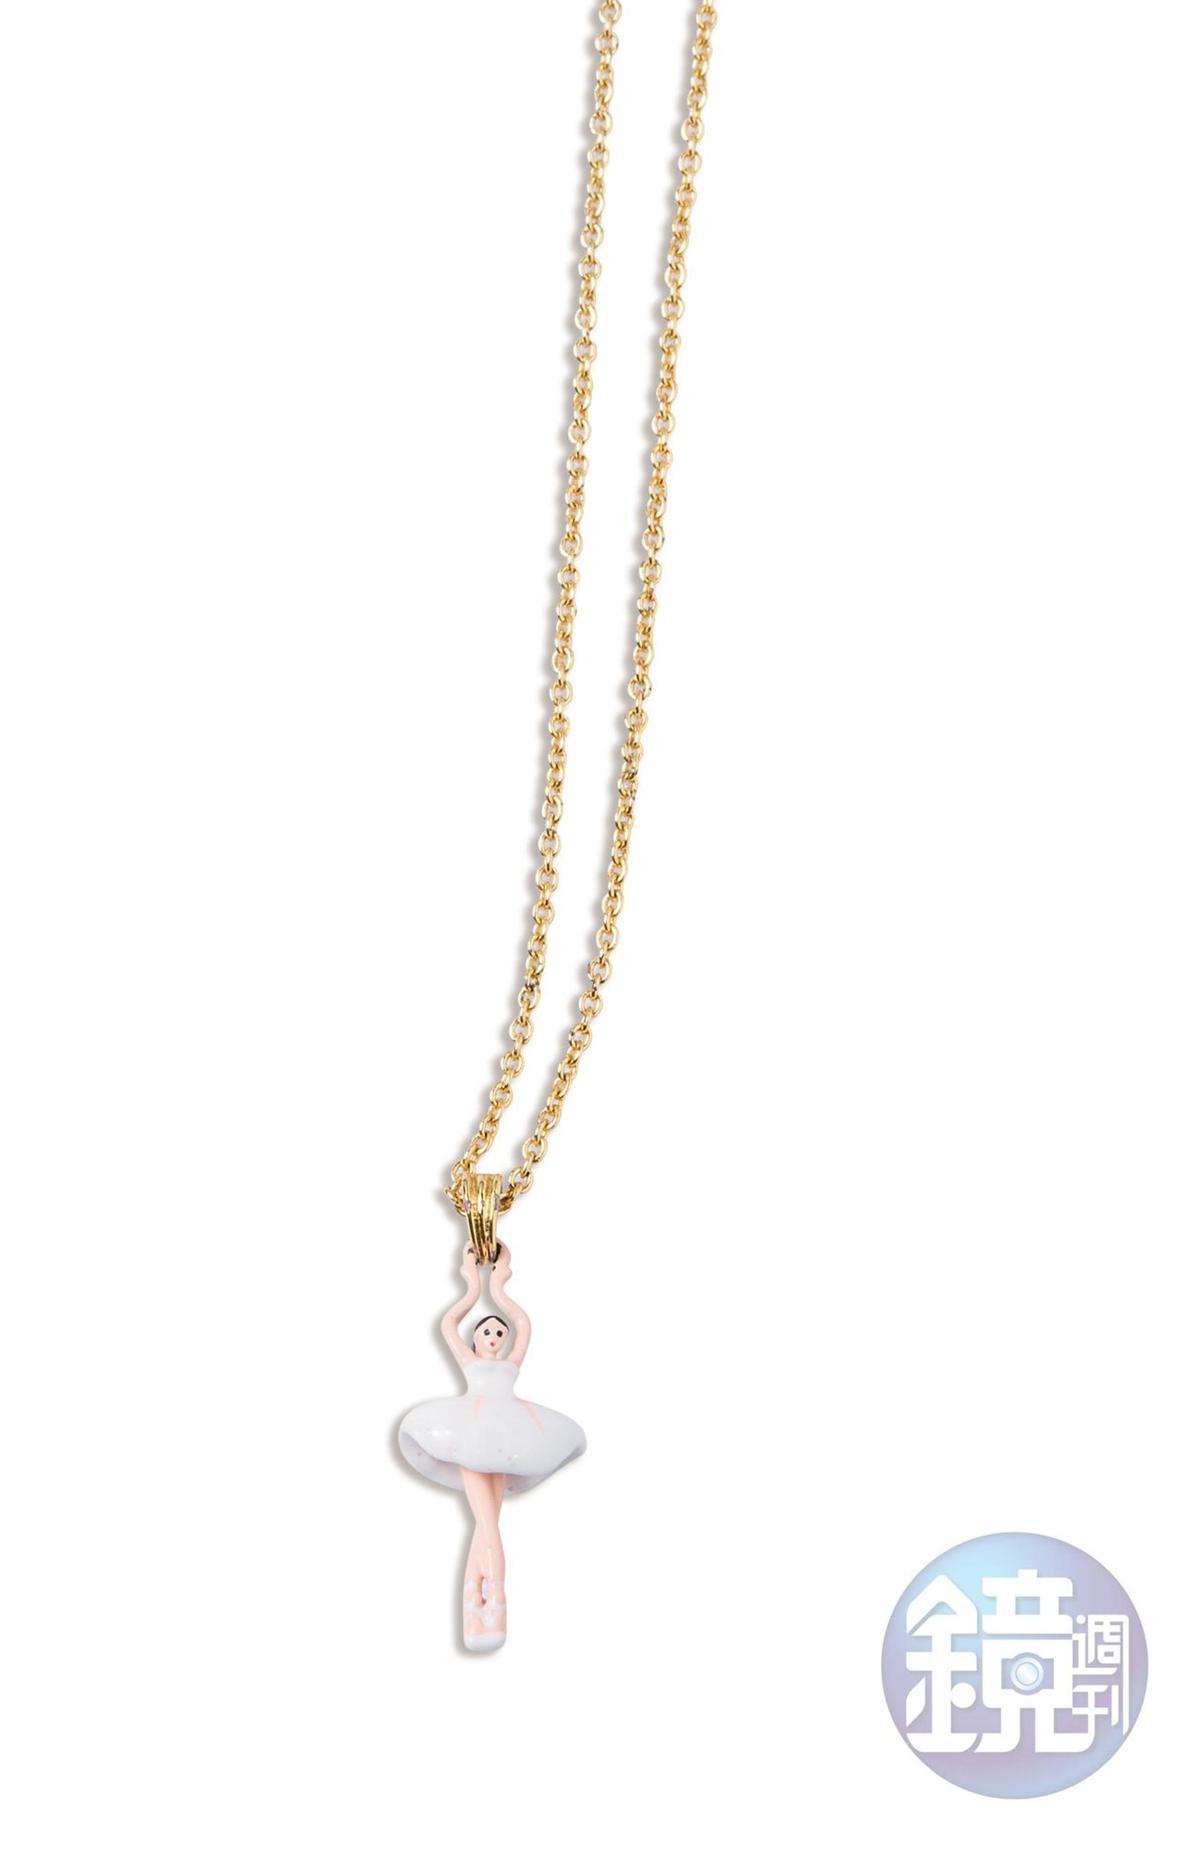 es Néréides 芭蕾舞孃項鍊。約NT$3,000